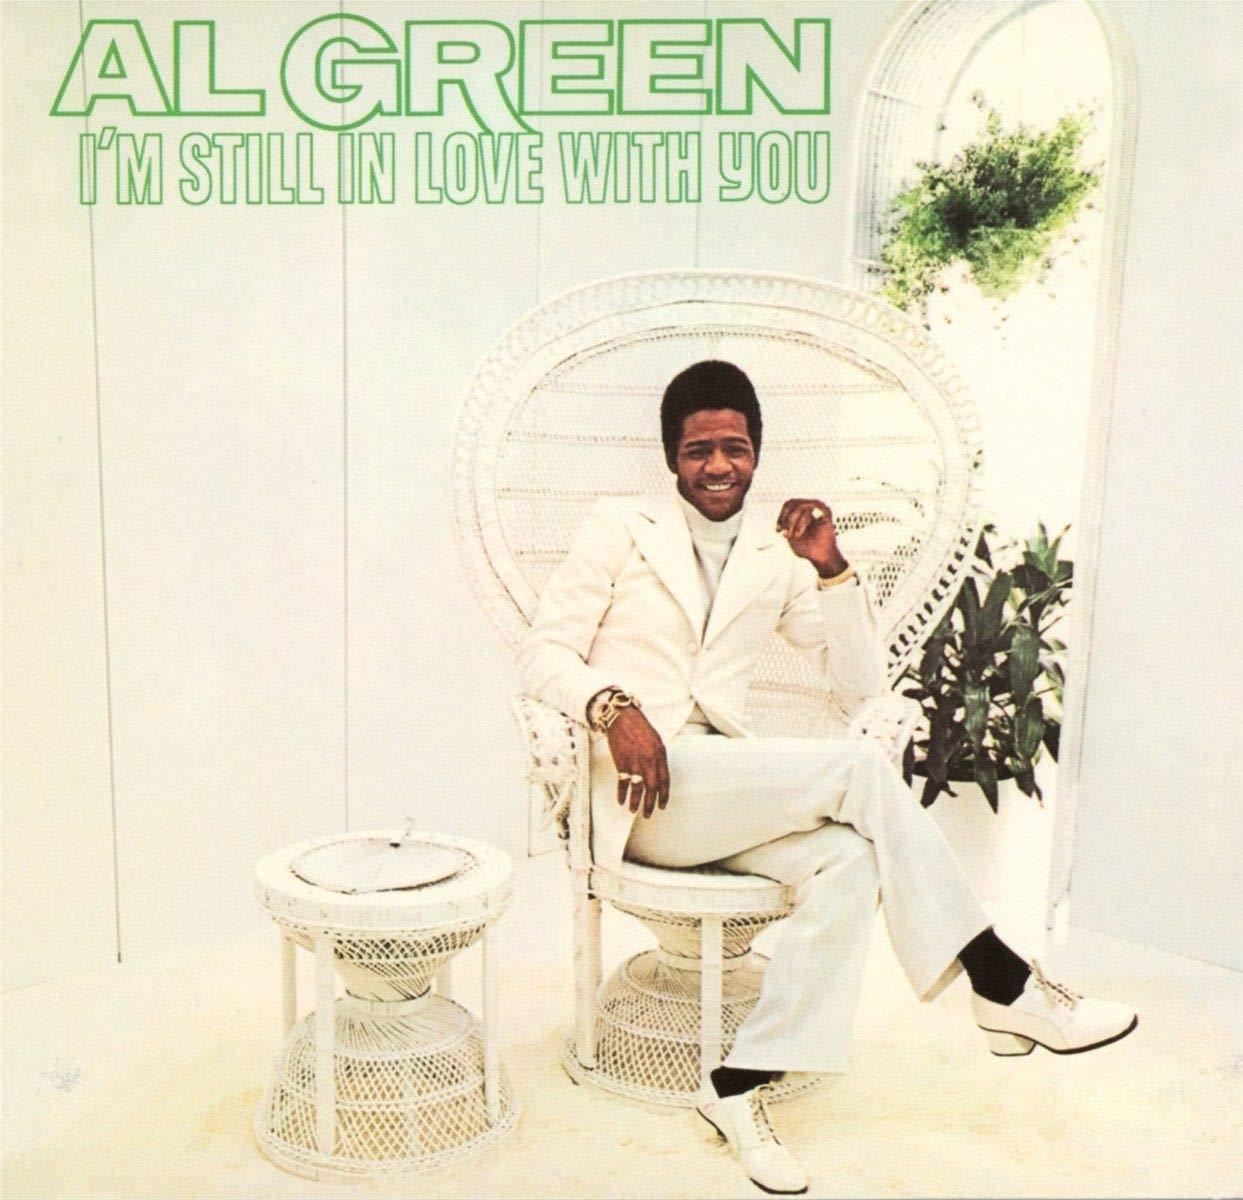 Al Green - I'm Still In Love With You - Amazon.com Music